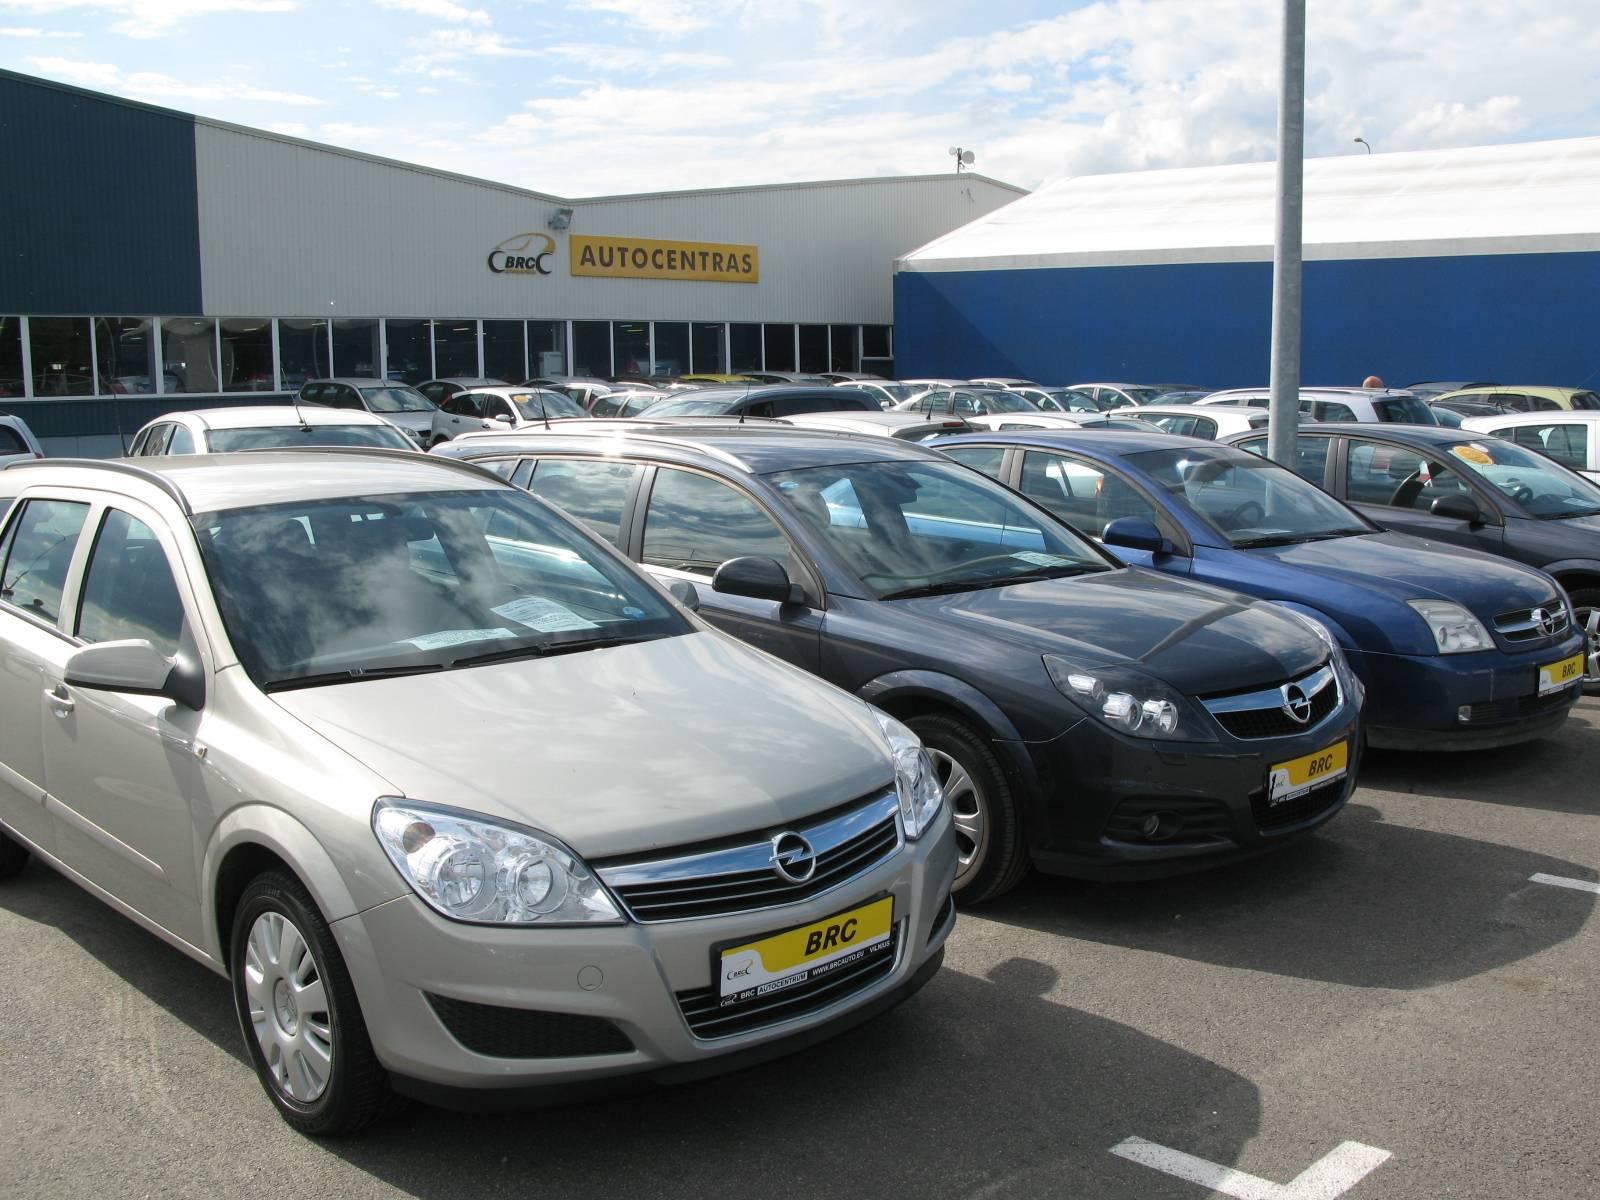 Выгодно ли покупать автомобиль в кредит в 2020 году: плюсы и минусы, условия получения, пример выгодного автокредита и нюансы | помощь водителям в 2021 году